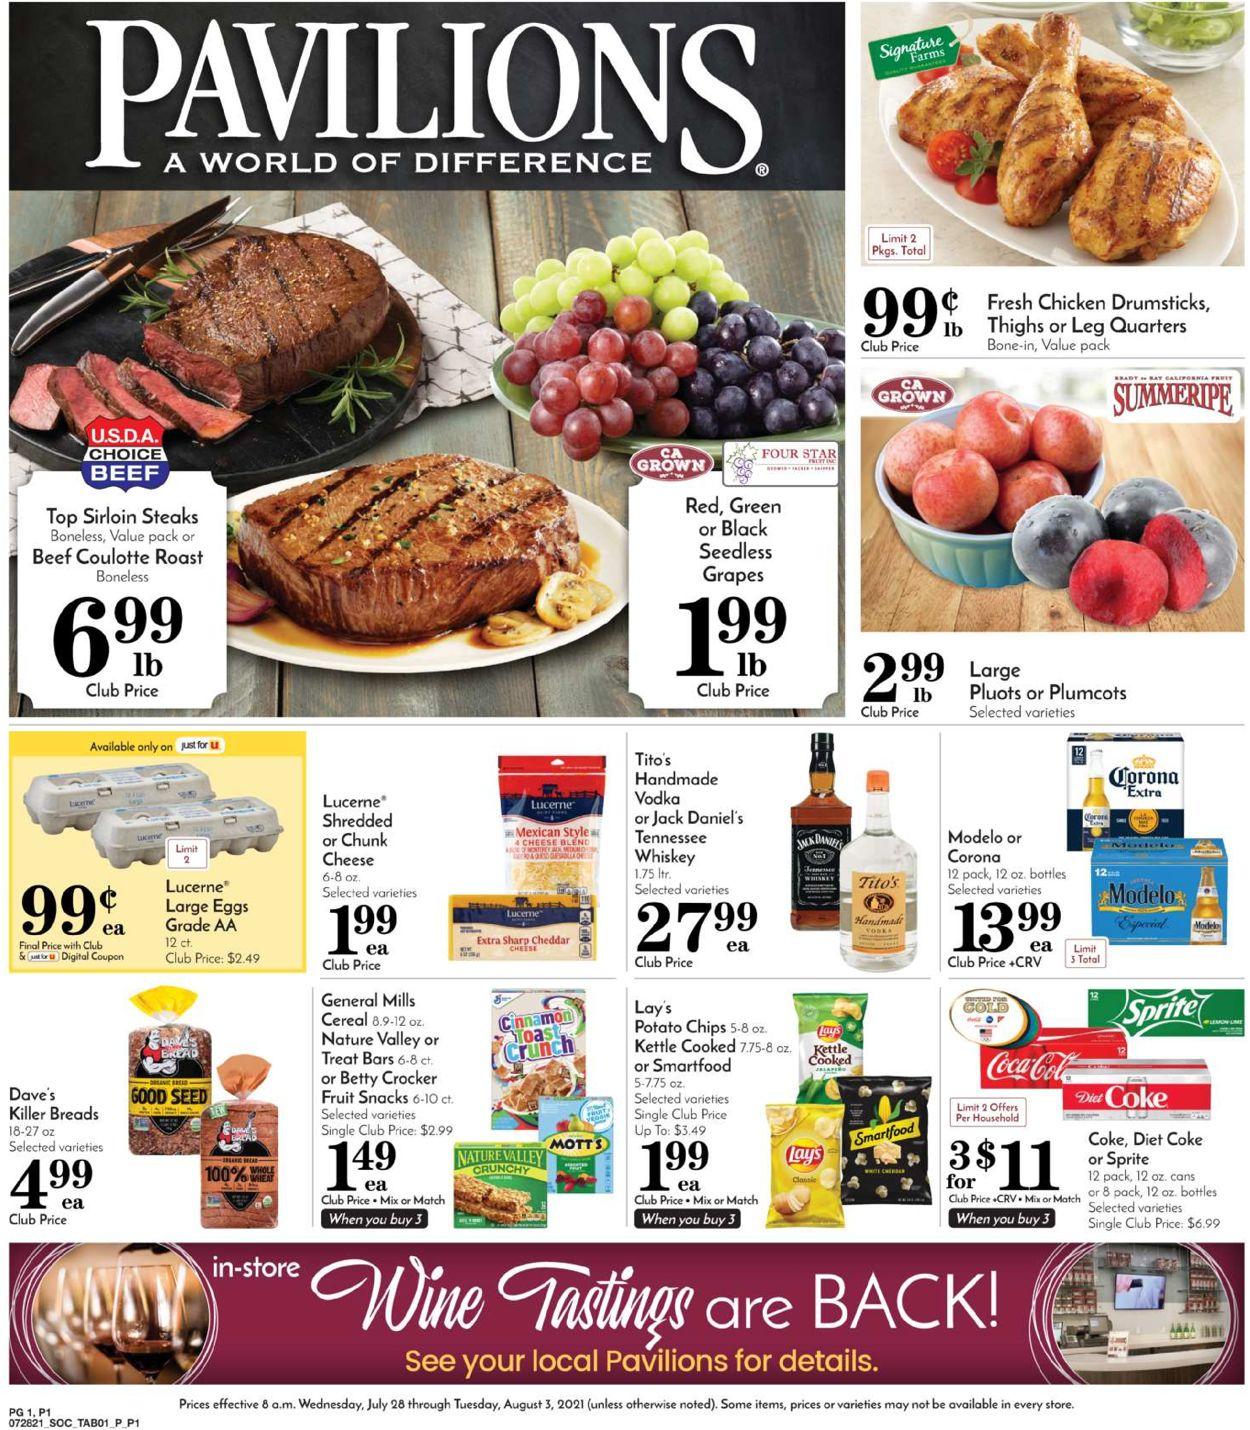 Pavilions Weekly Ad Circular - valid 07/28-08/03/2021